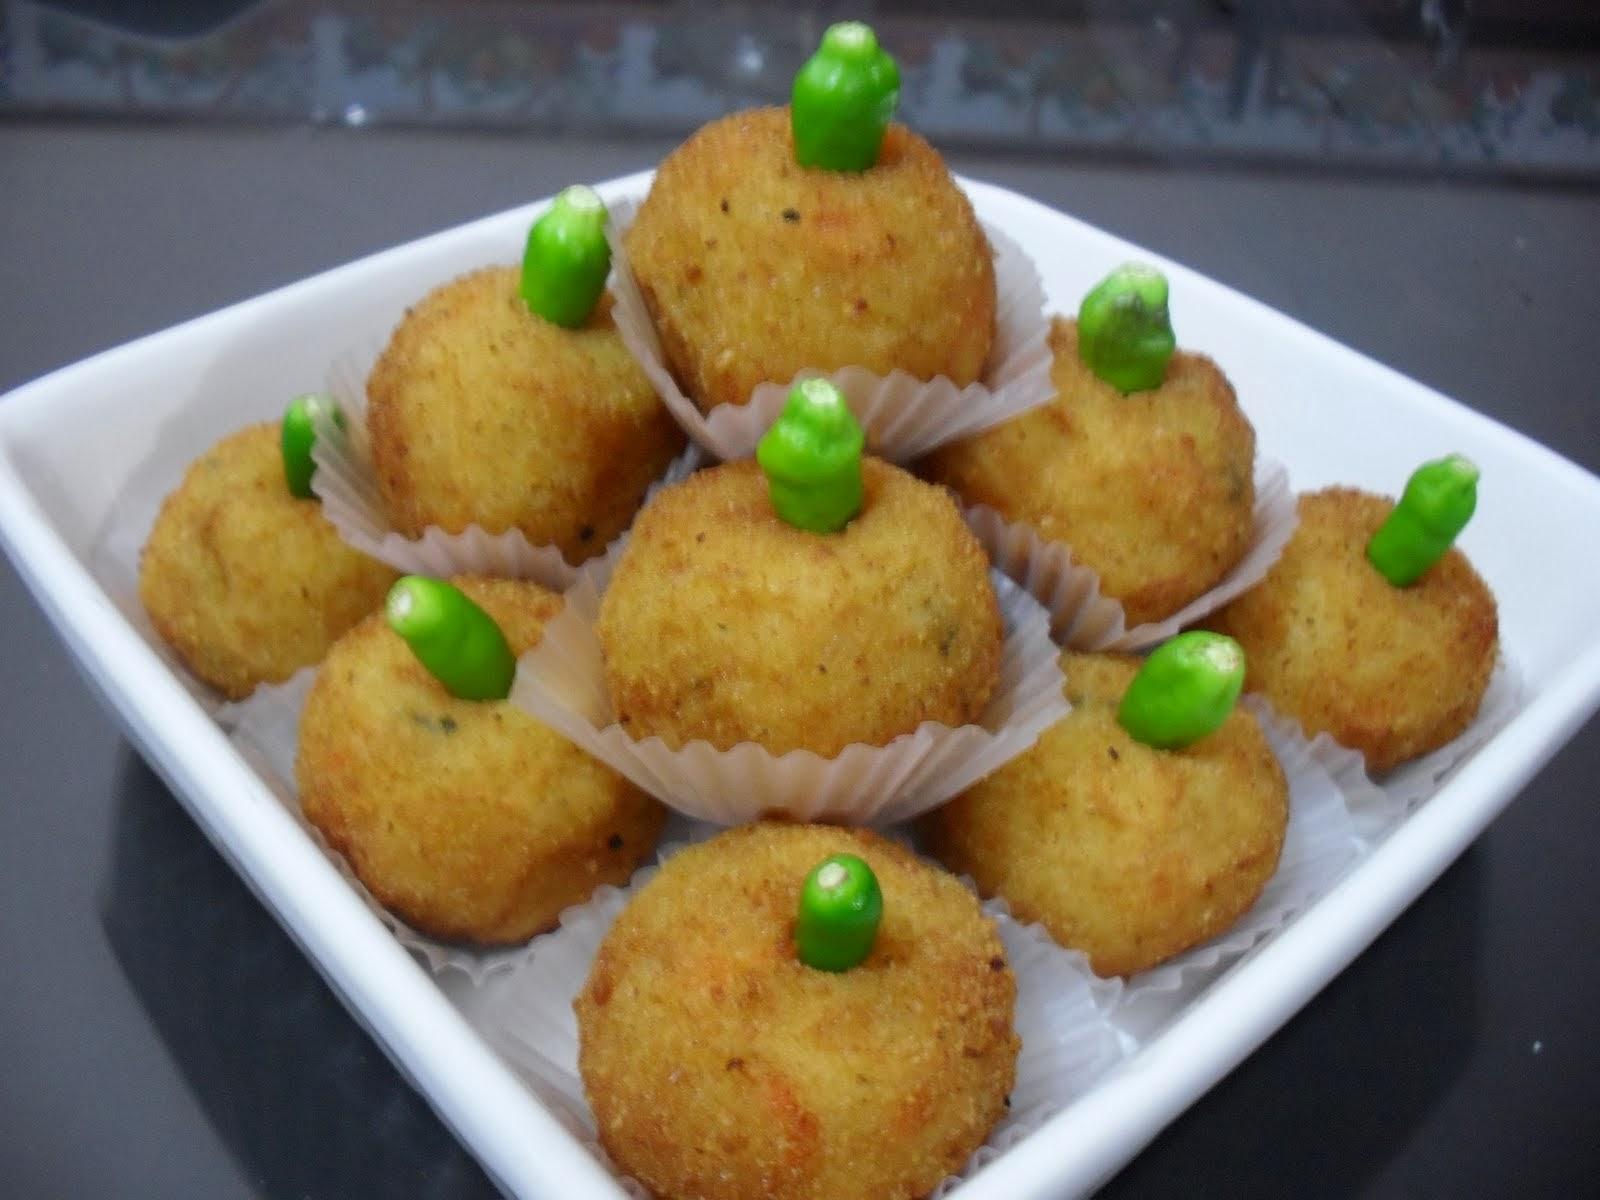 Resep Cake Kukus Kentang: Resep Dapur Bunda: Resep Dan Cara Membuat Kroket Kentang